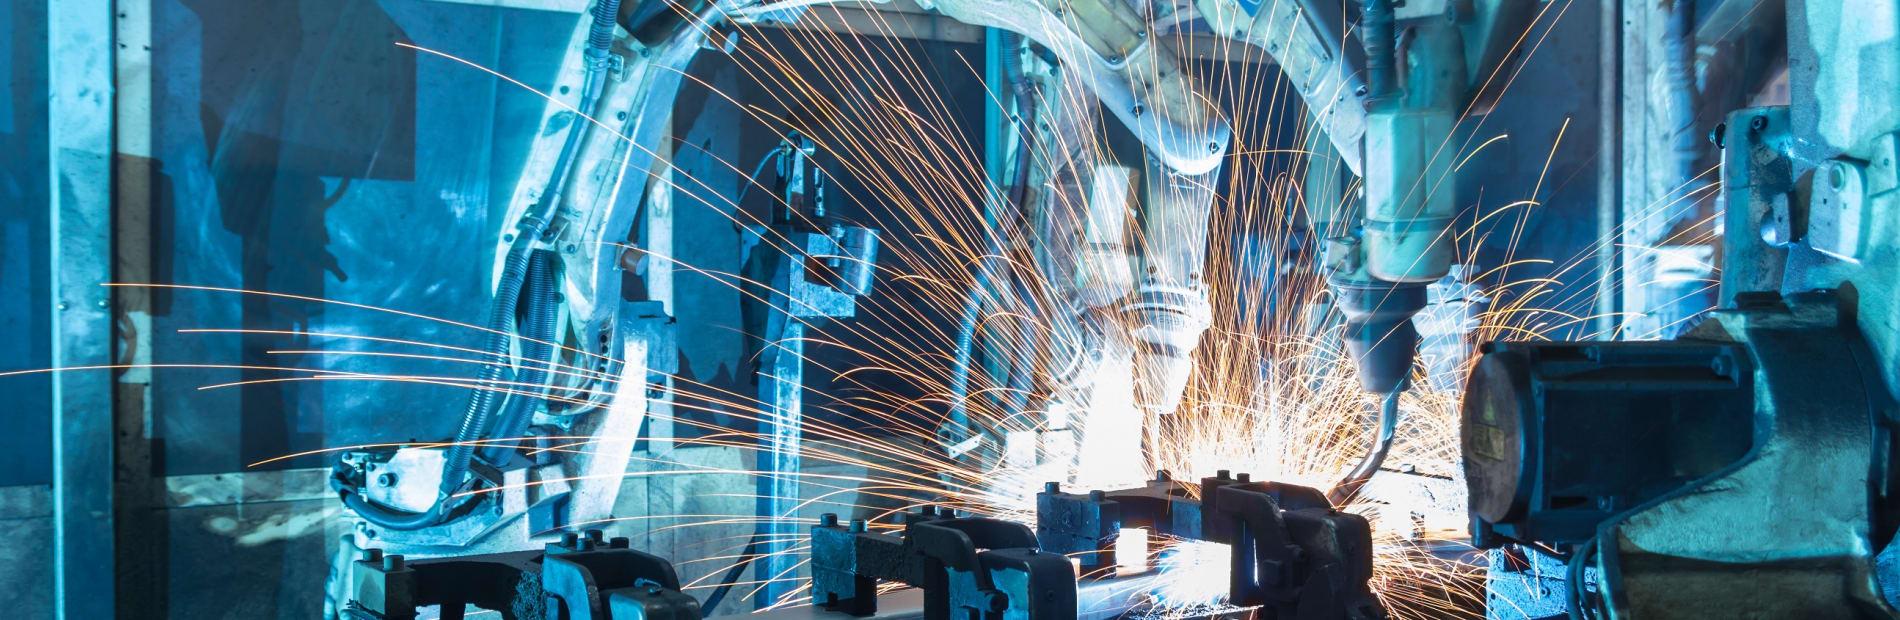 A large robot welding parts along a production line.